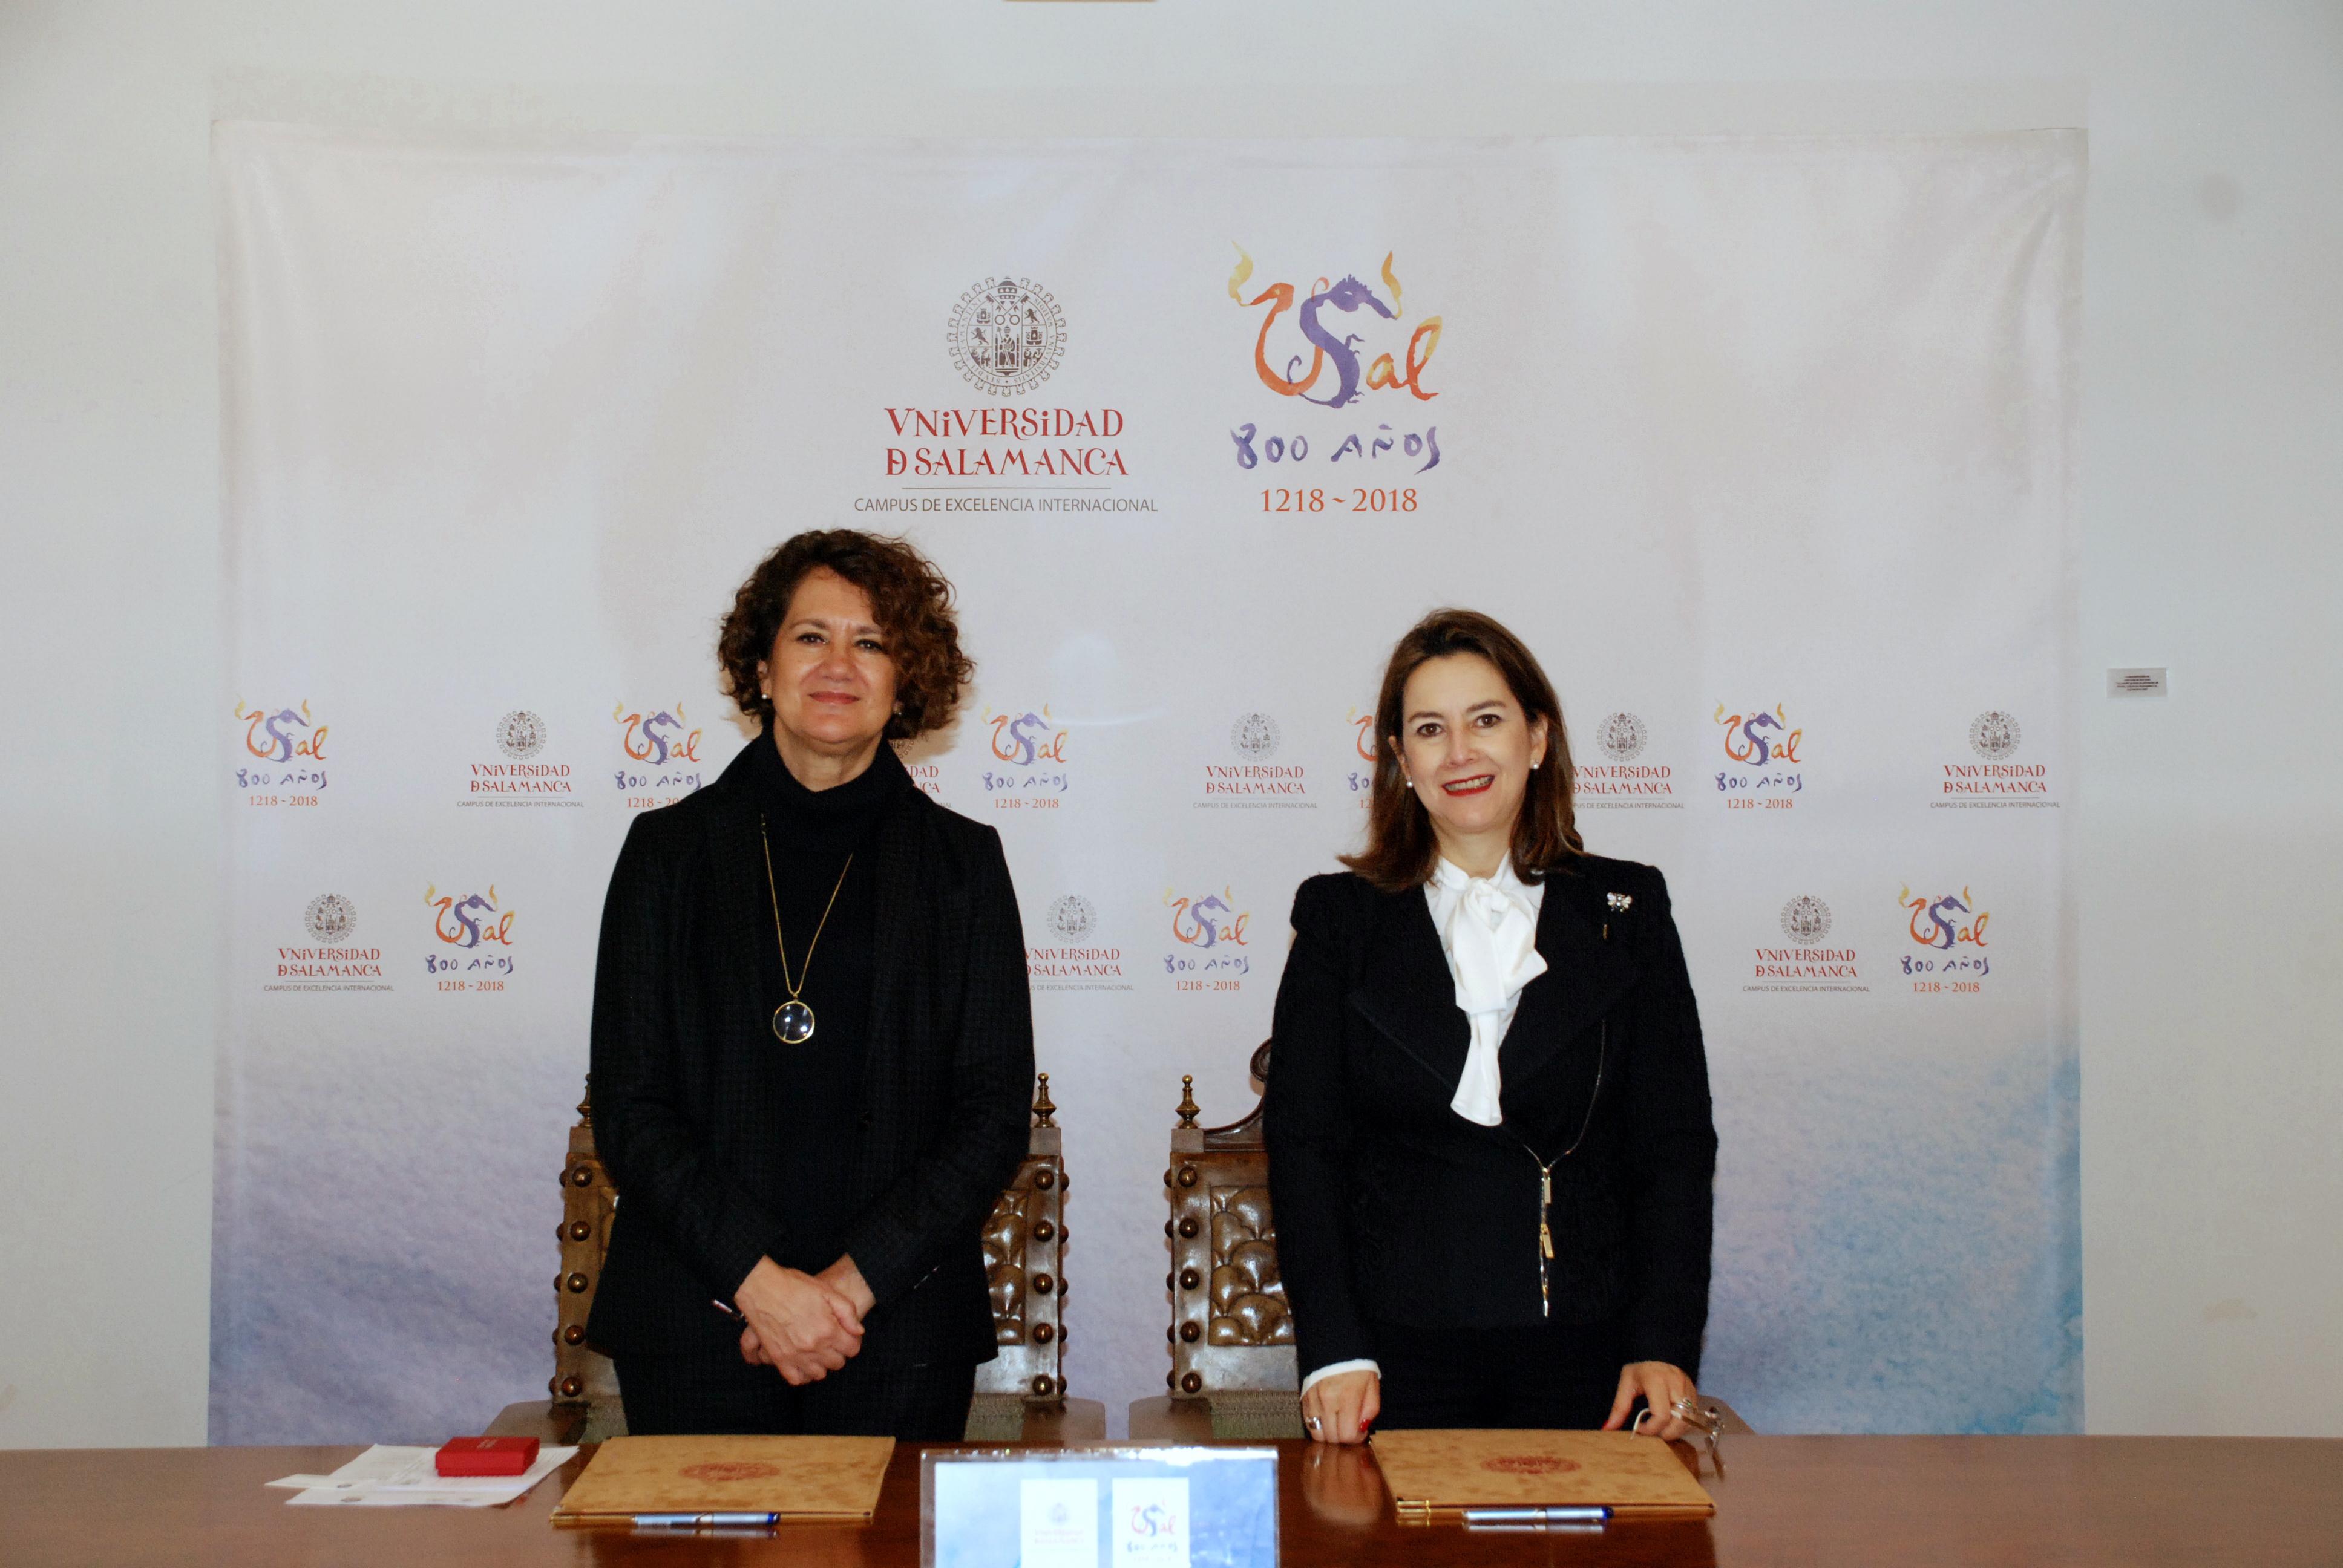 La Universidad de Salamanca y la Organización Iberoamericana de Seguridad Social firman un convenio de colaboración